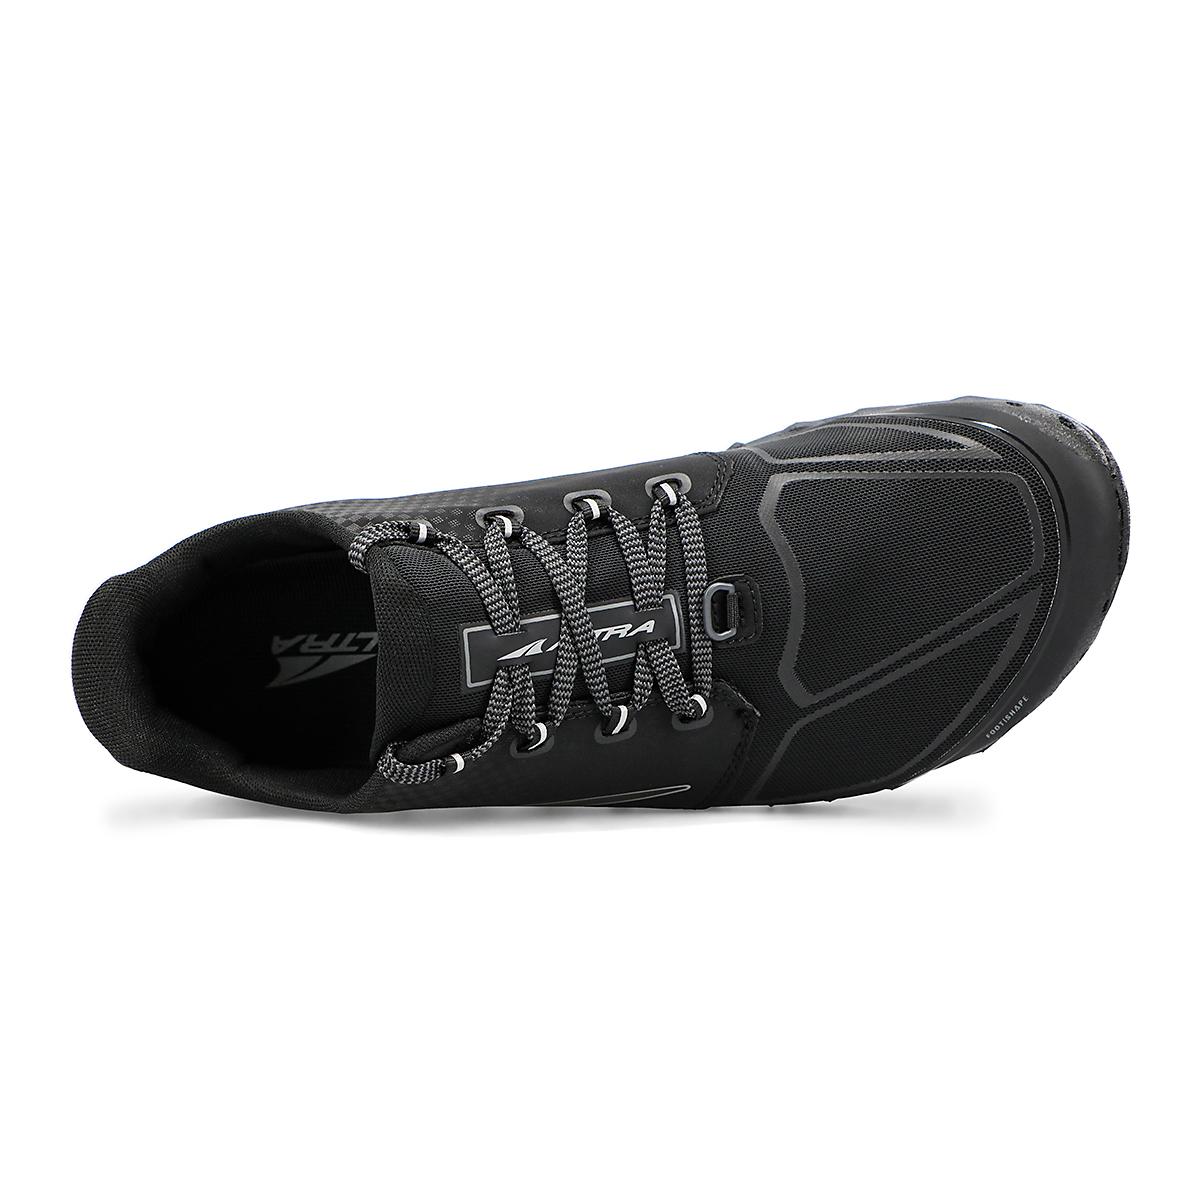 Men's Altra Superior 4.5 Trail Running Shoe - Color: Black - Size: 7 - Width: Regular, Black, large, image 3